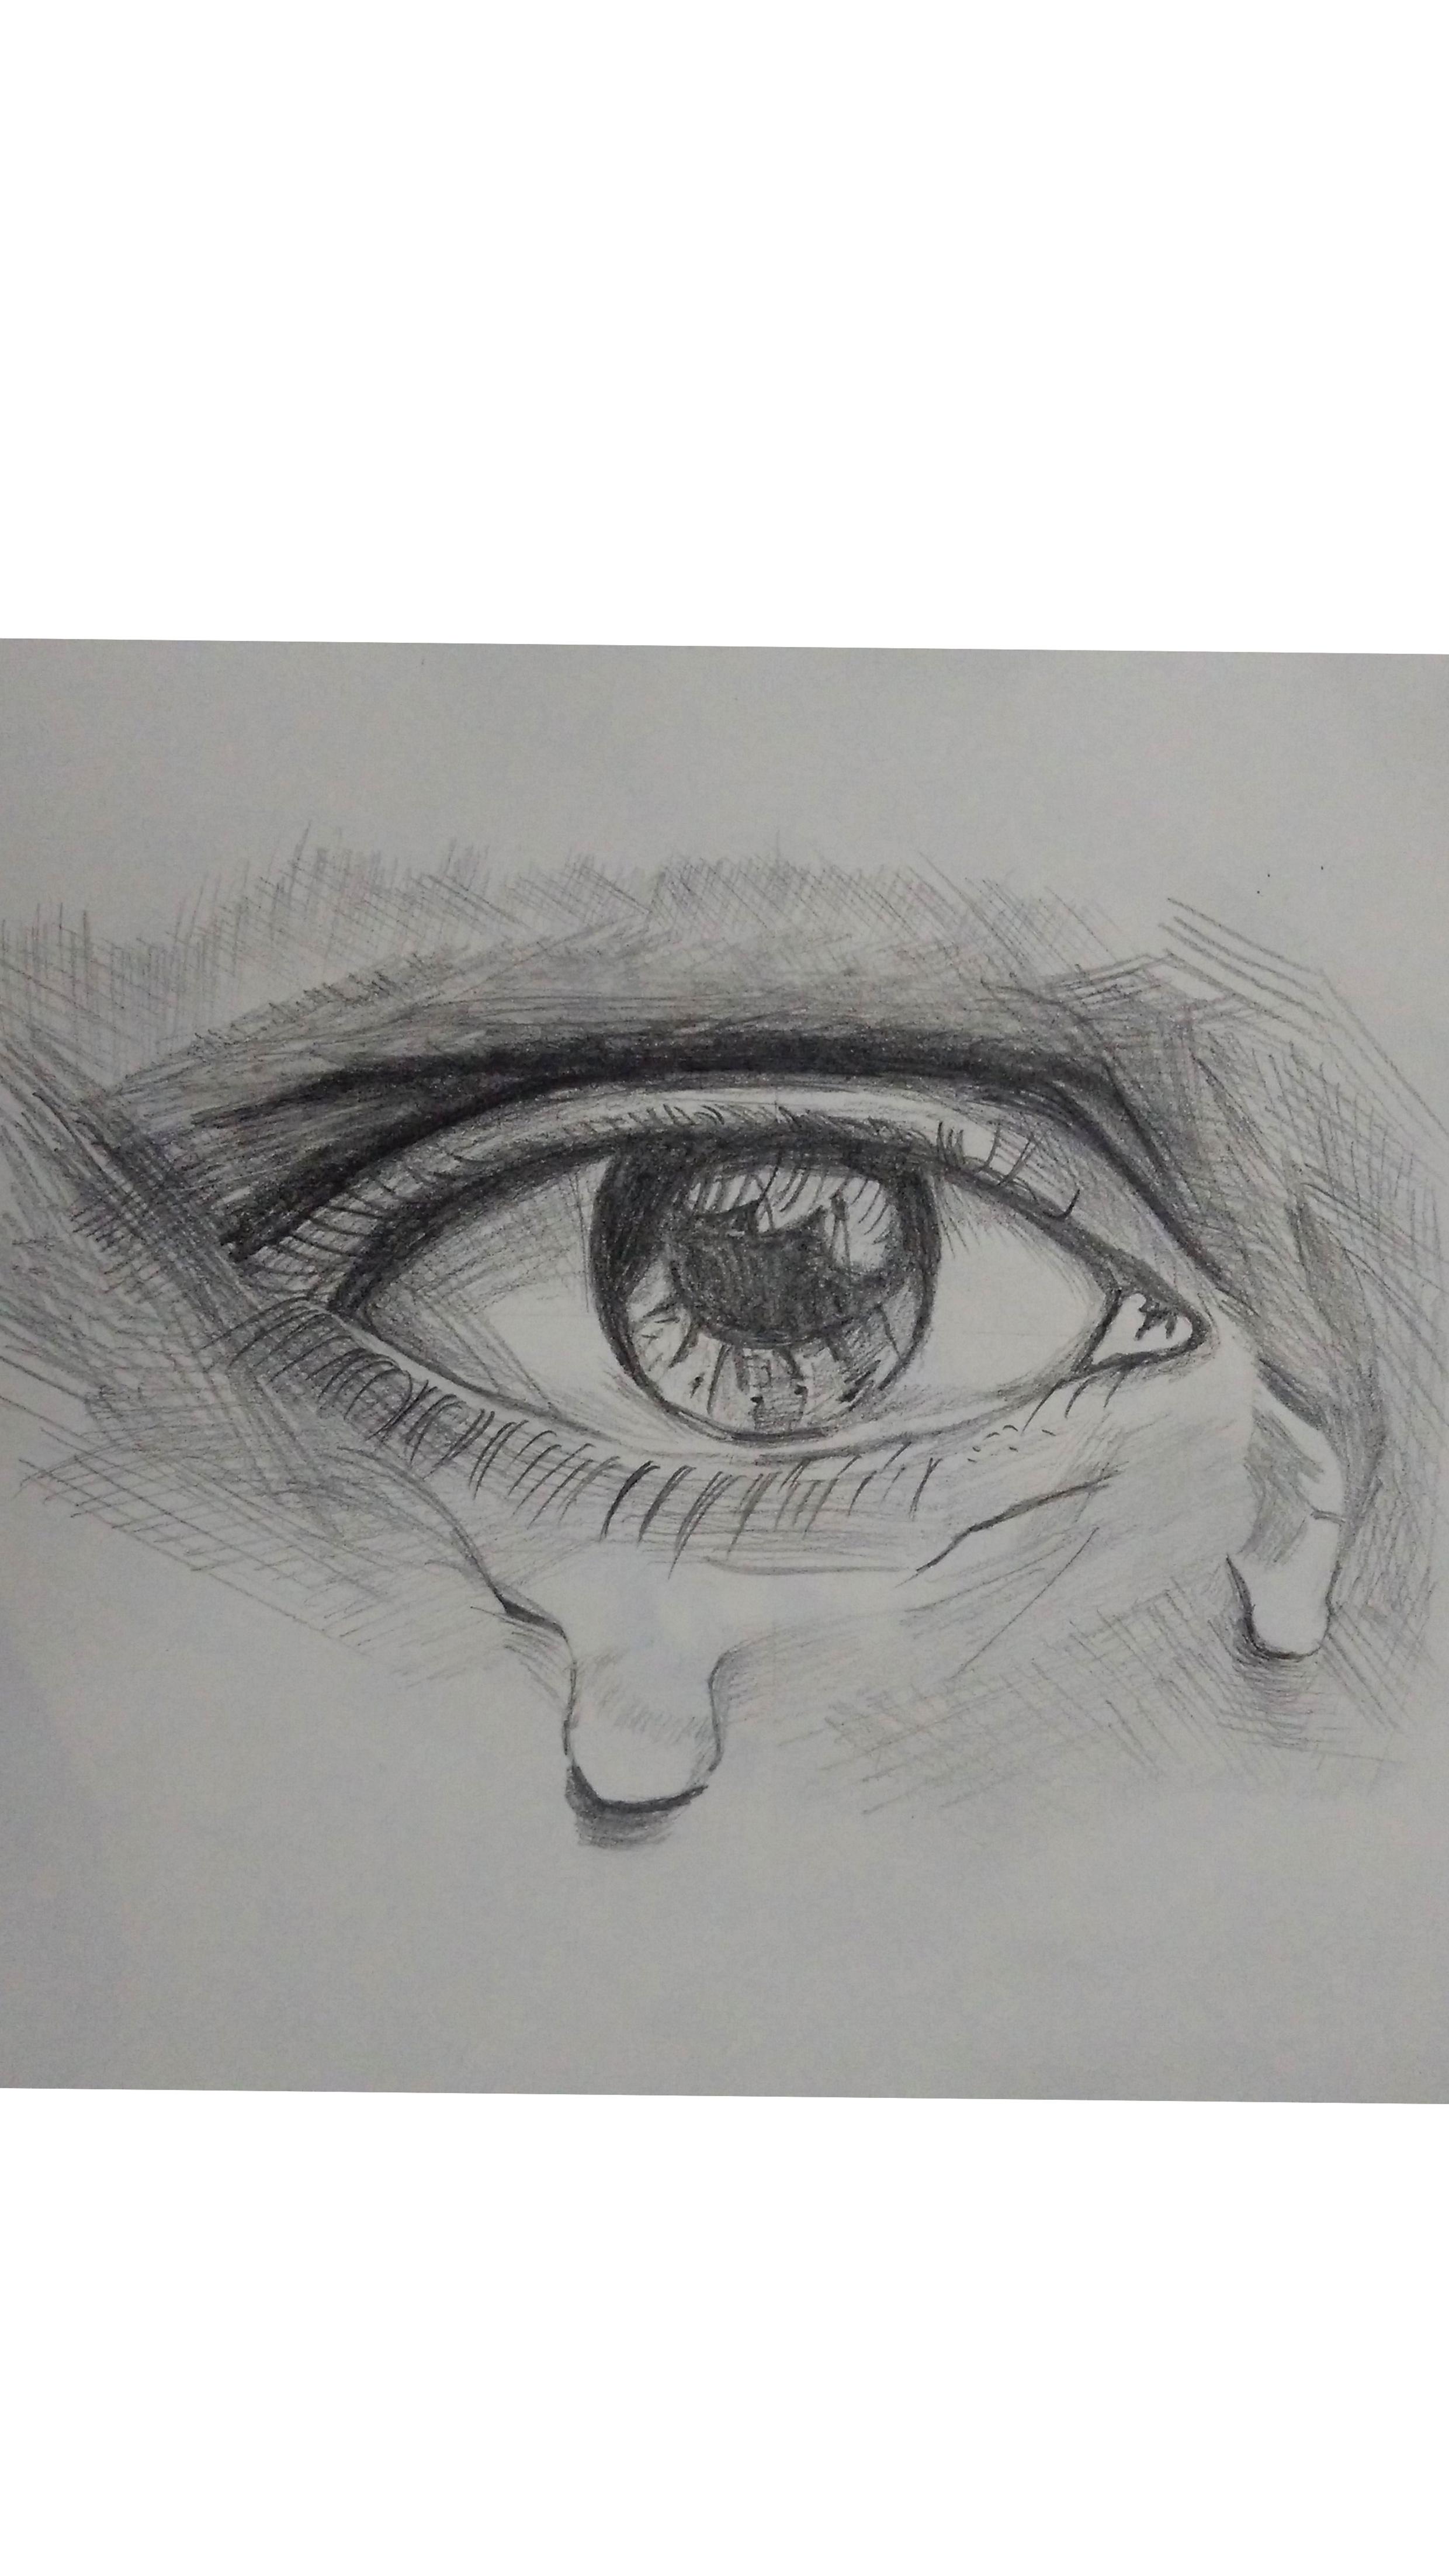 手绘作品-眼睛